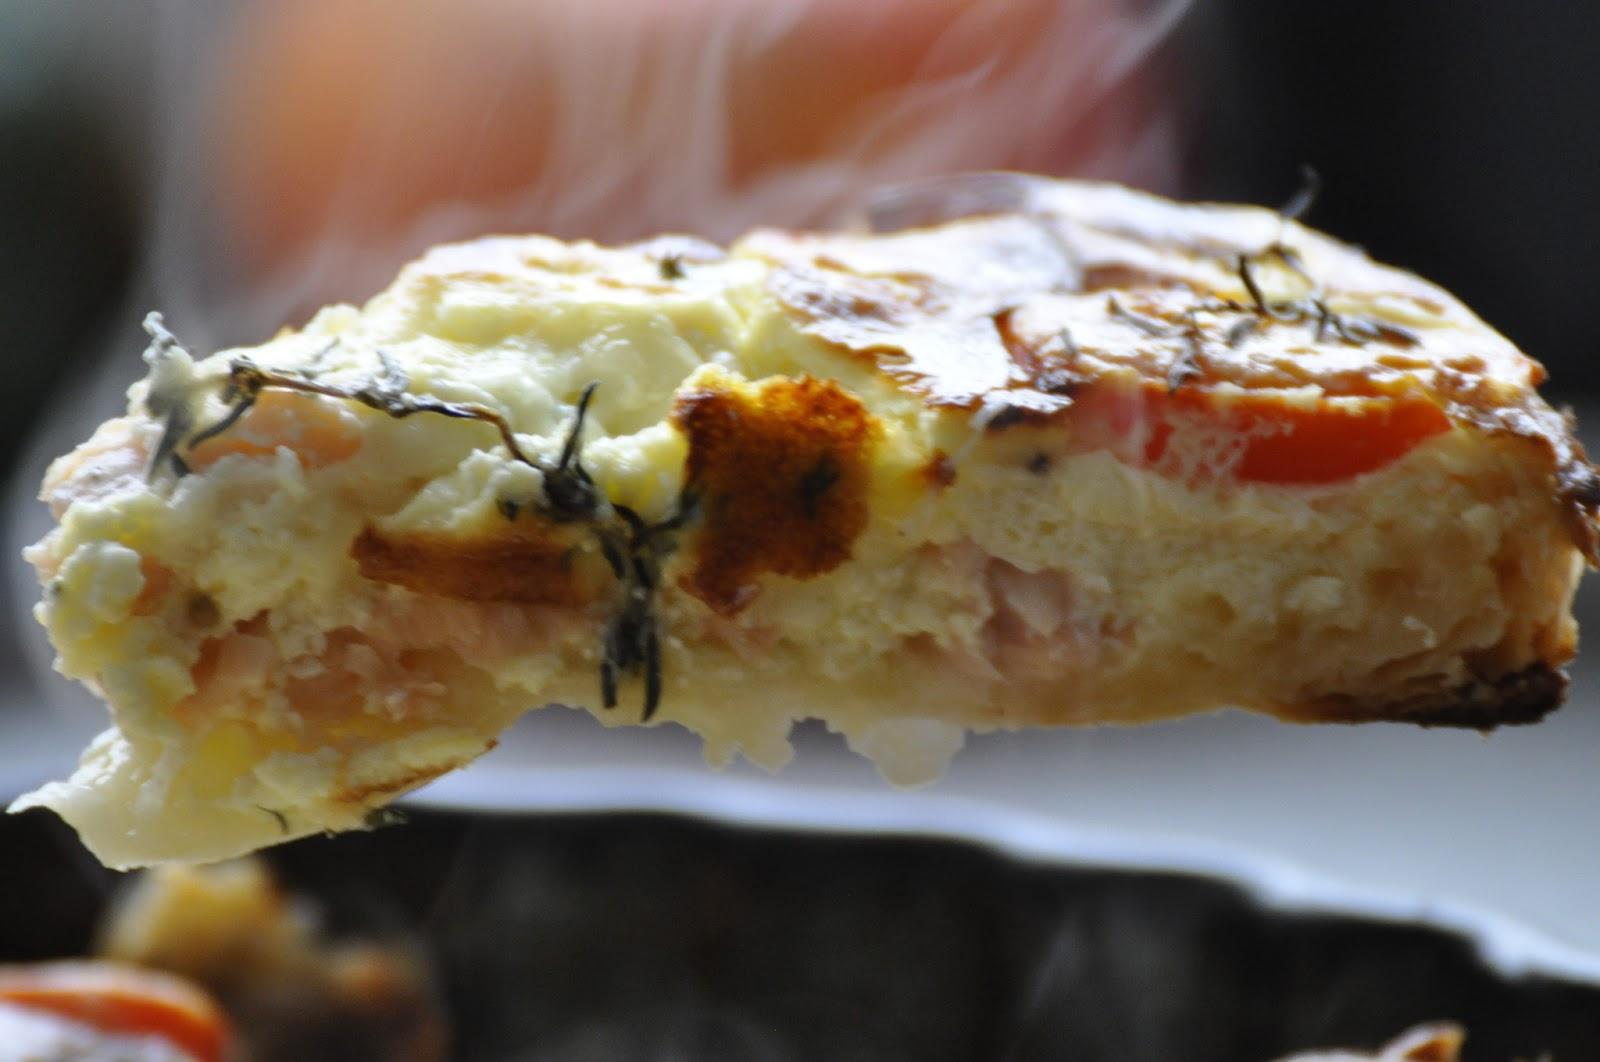 Szybko Tanio Smacznie - Tarta z wędzonym łososiem